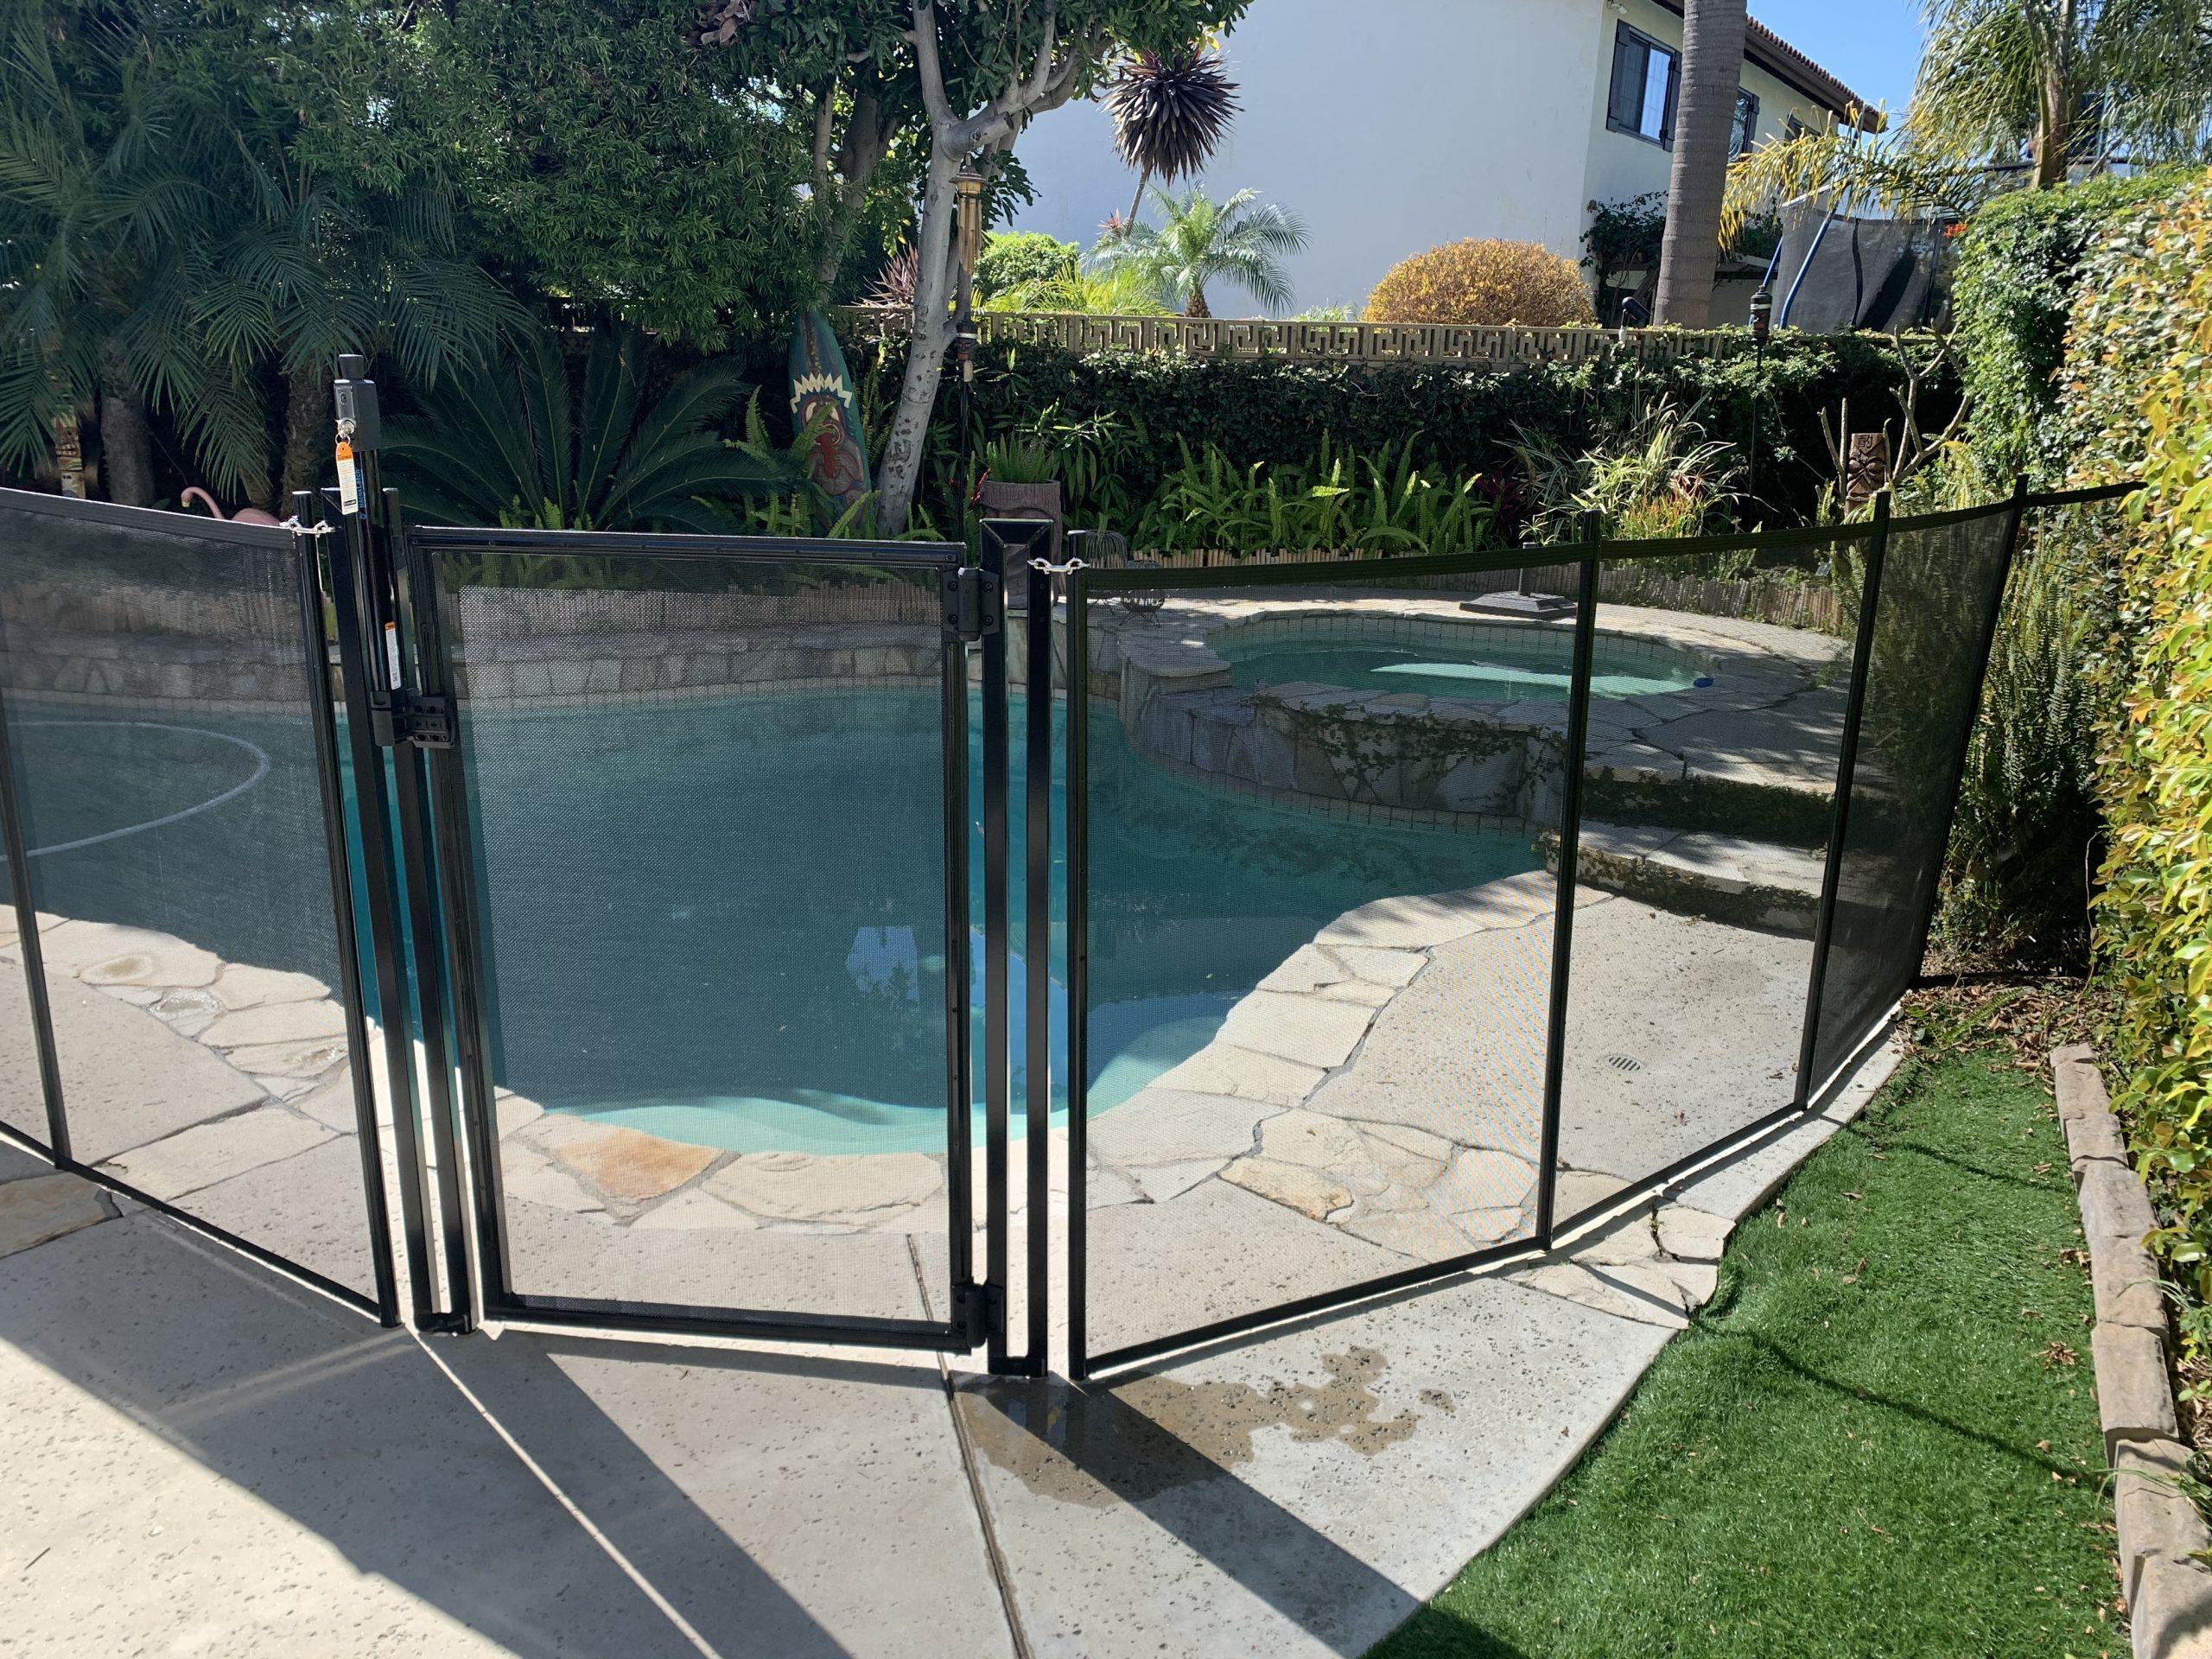 Life Saver Pool Fence installation in Long Beach, CA - Oscar B